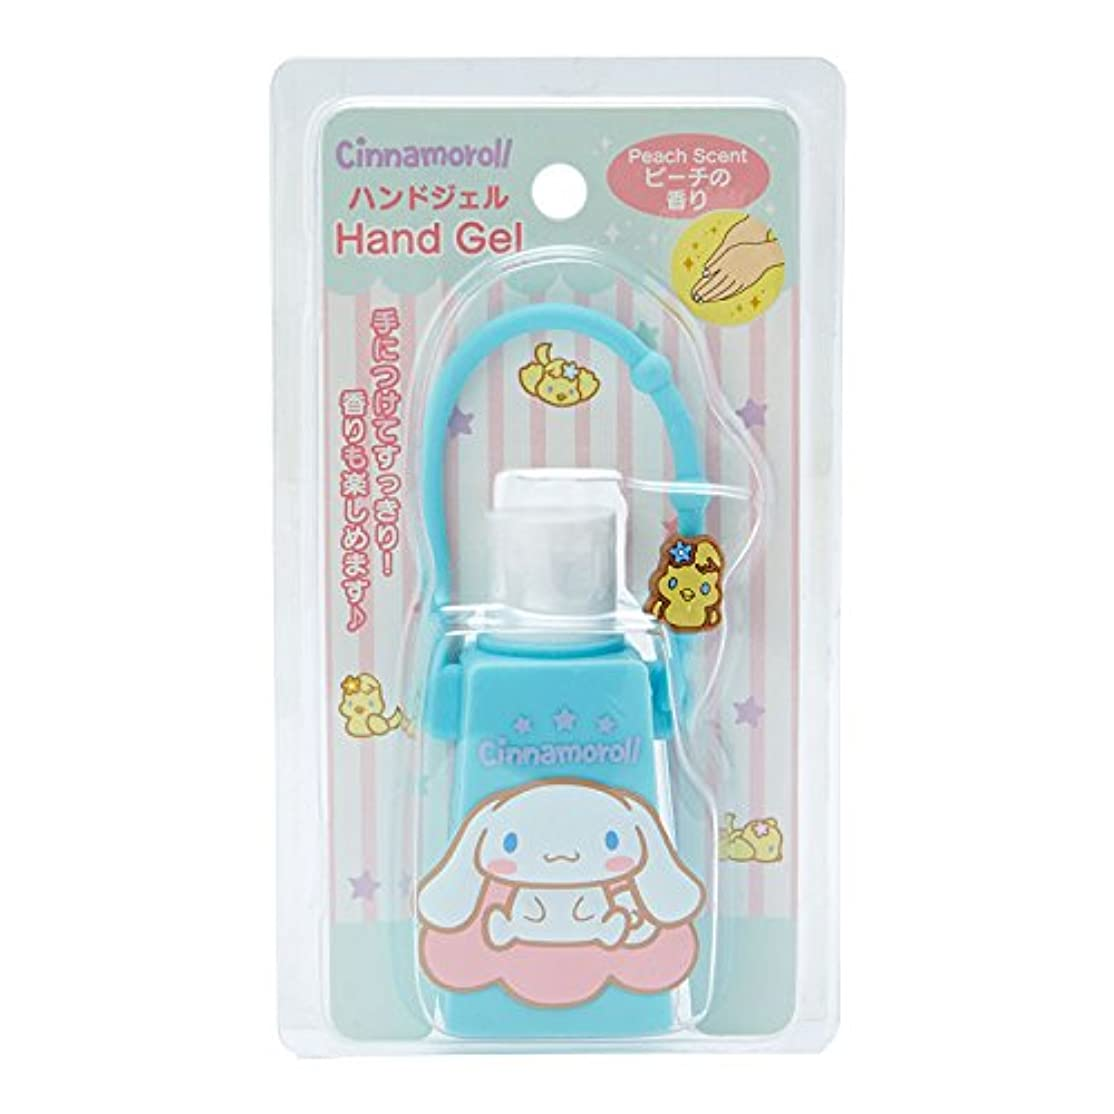 不適愛国的な家庭シナモロール 携帯ハンドジェル(ピーチの香り)